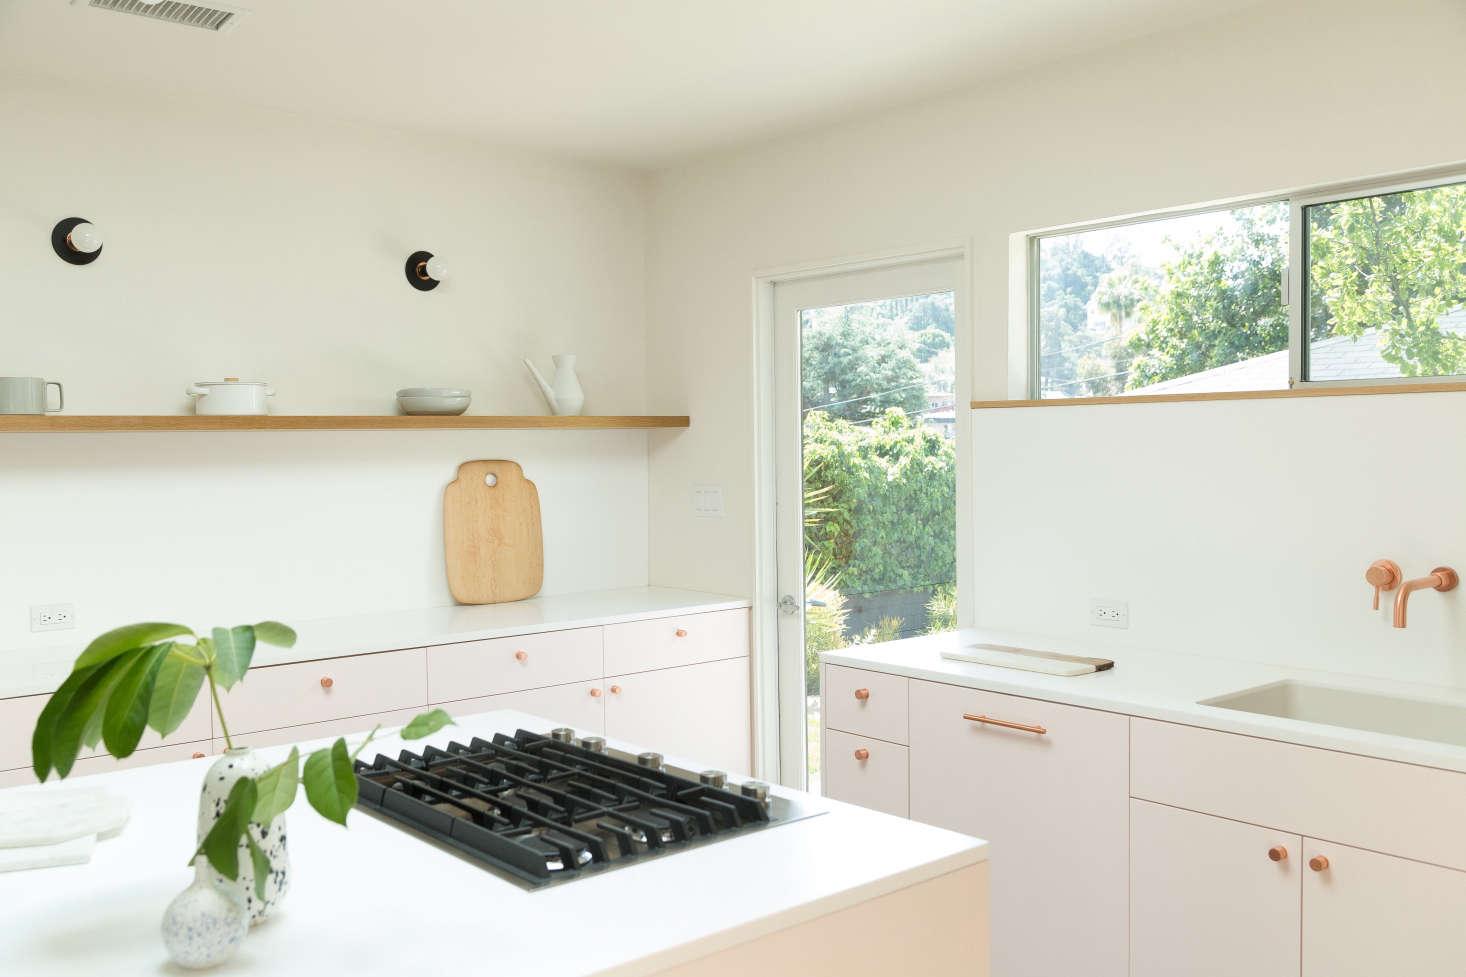 Pale pink kitchen by Studio Ritz Rabin in LA